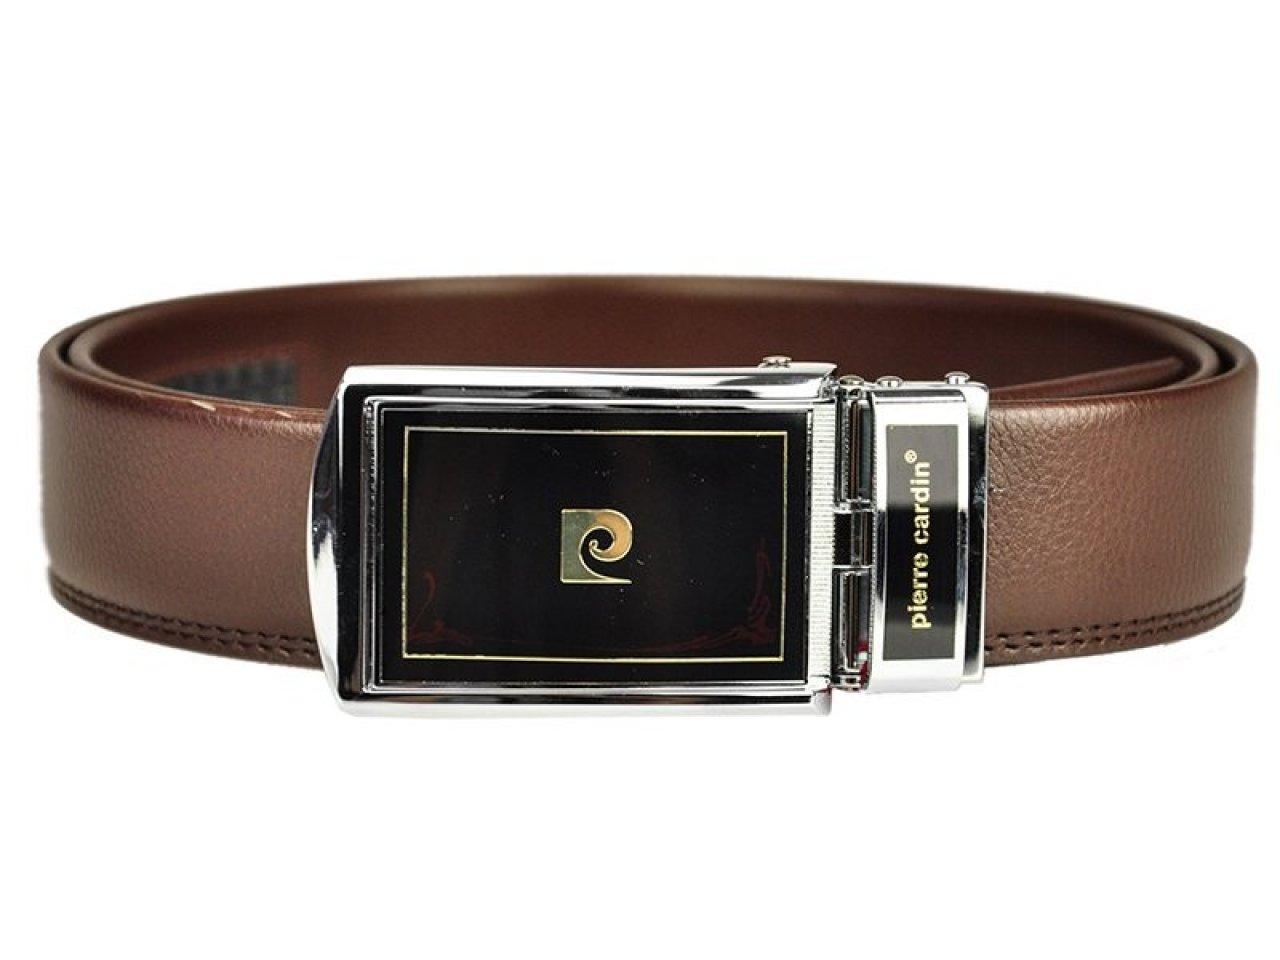 68d59a755b56 Pánská kožená peněženka Gil Holsters G317546 - černá   Devu.cz